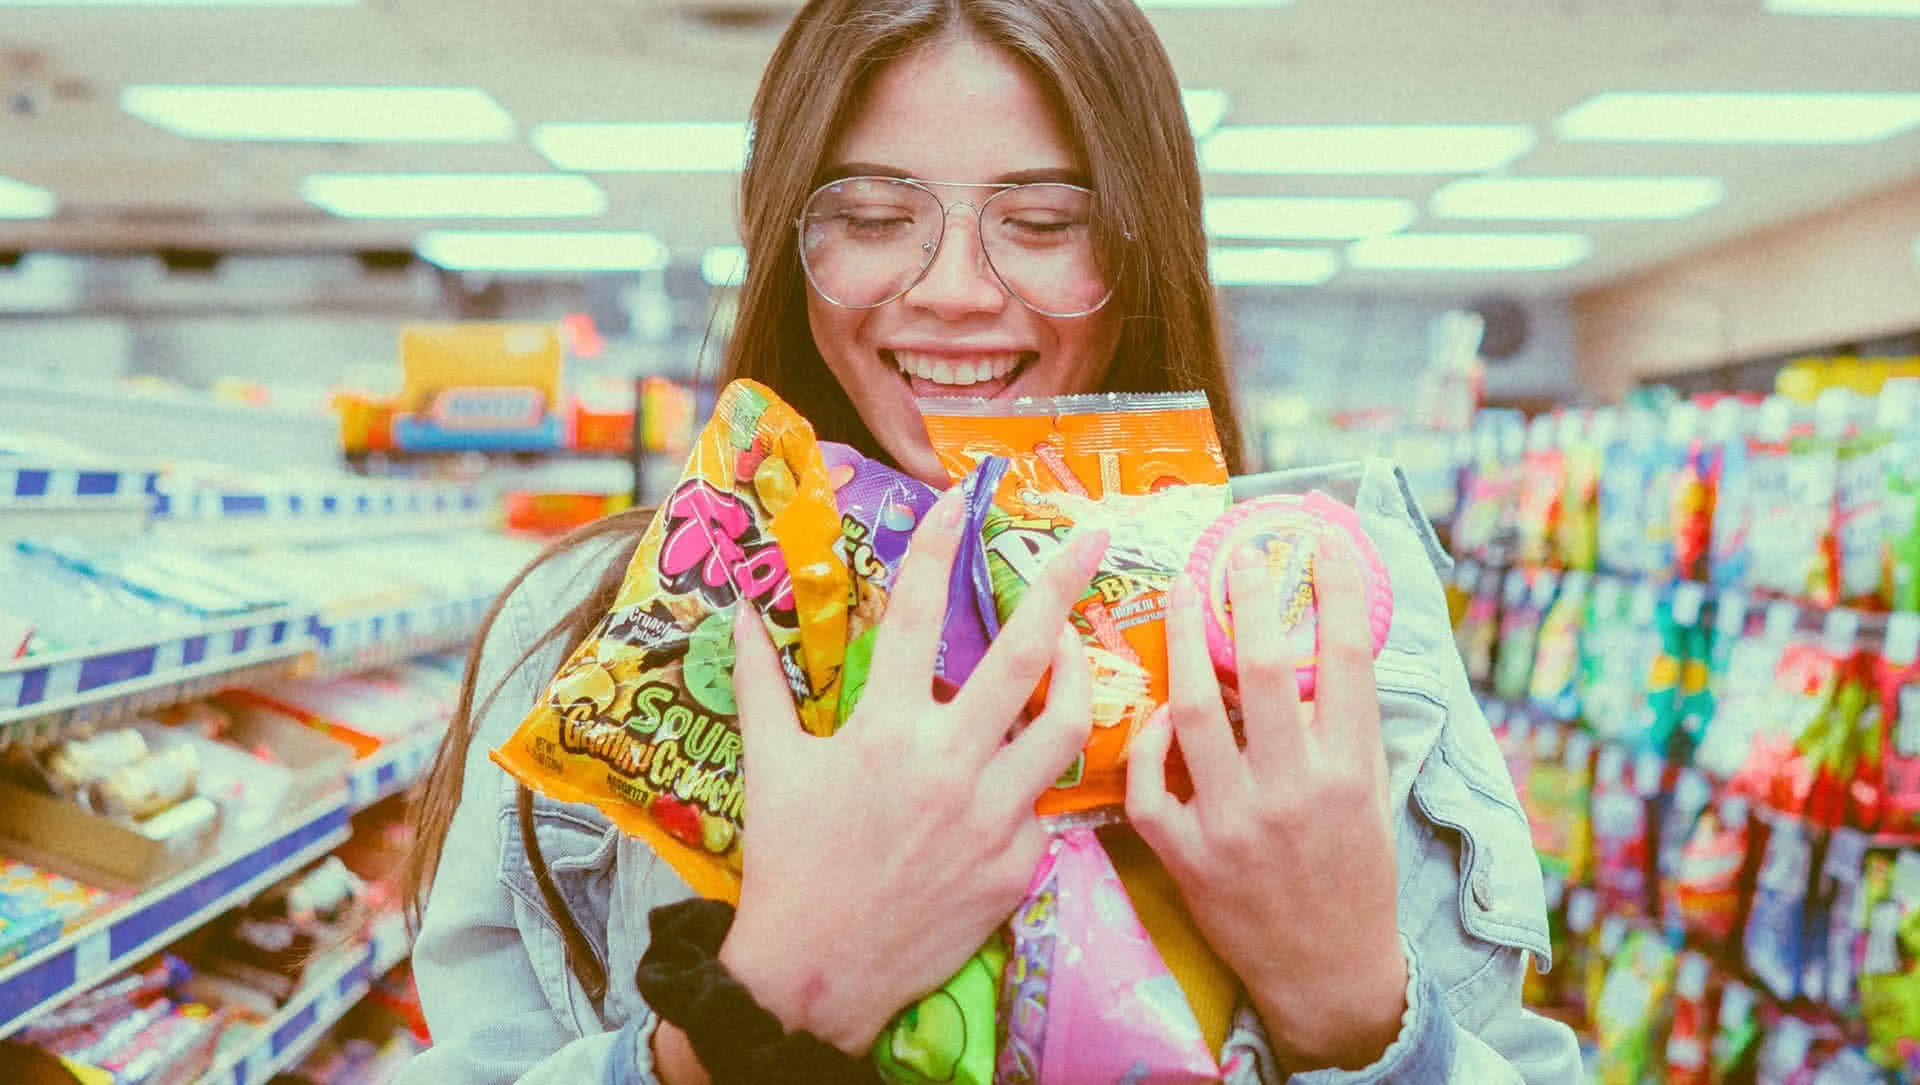 comment arrêter le sucre ?